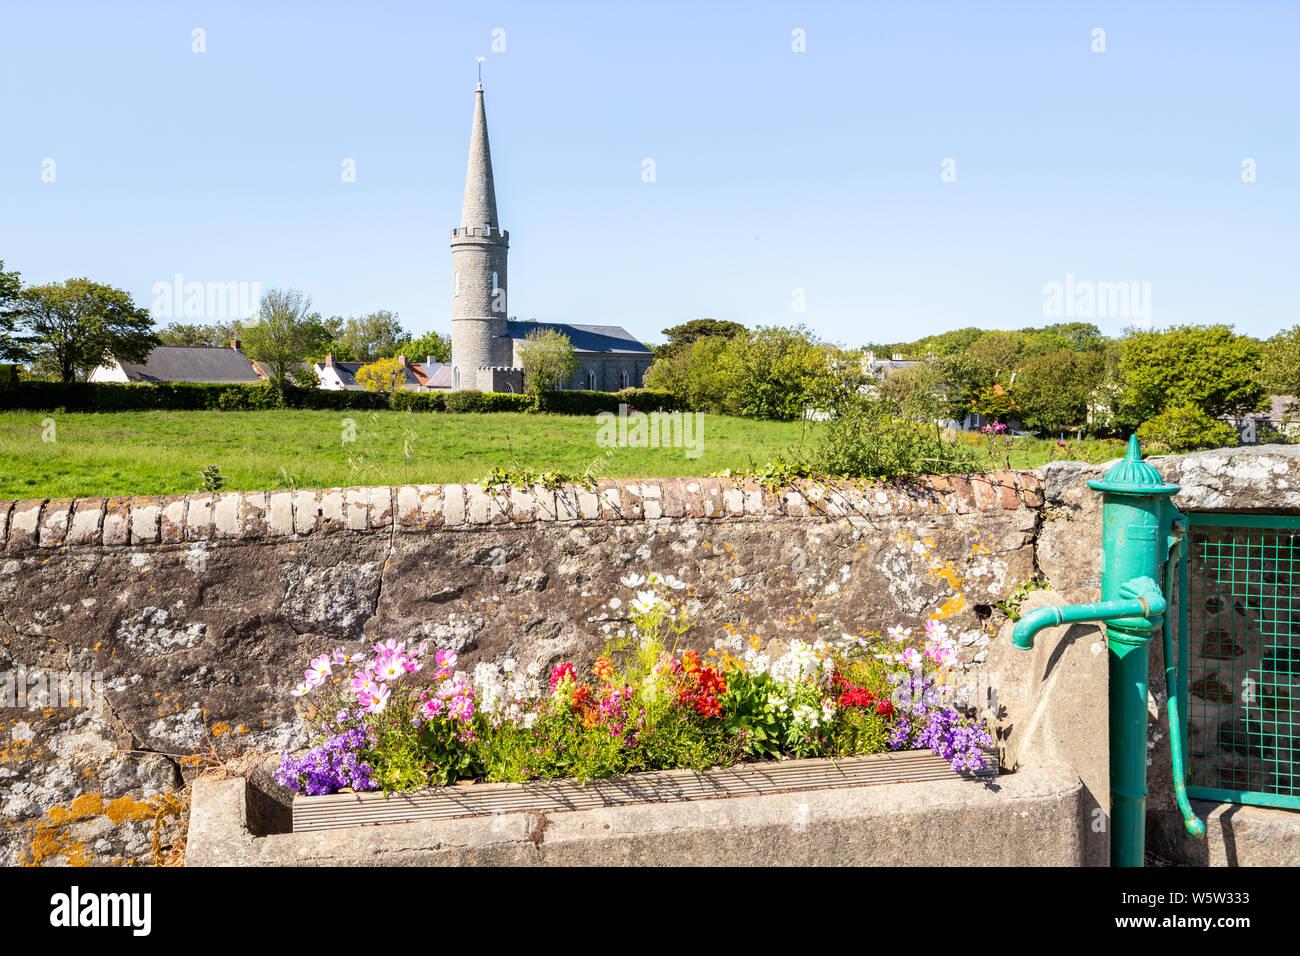 Fleurs dans une vieille cuve d'eau à côté d'une pompe à Torteval, Guernsey, Channel Islands UK Banque D'Images